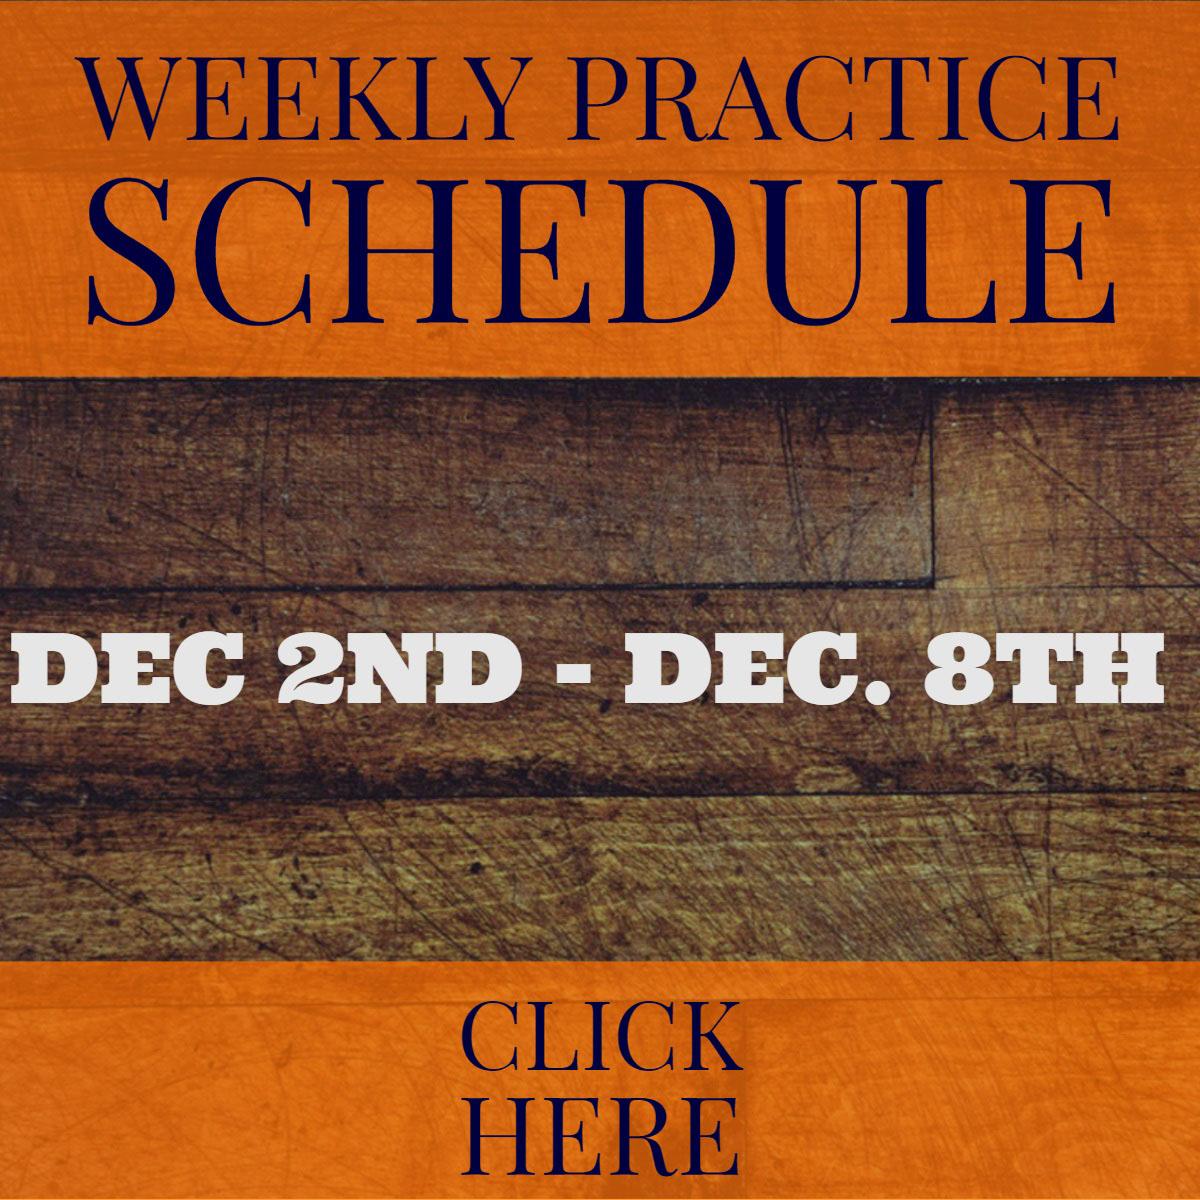 Weekly Practice Schedule Weekly Practice Schedule<P>CLICK HERE<P>Dec 2nd - Dec. 8th